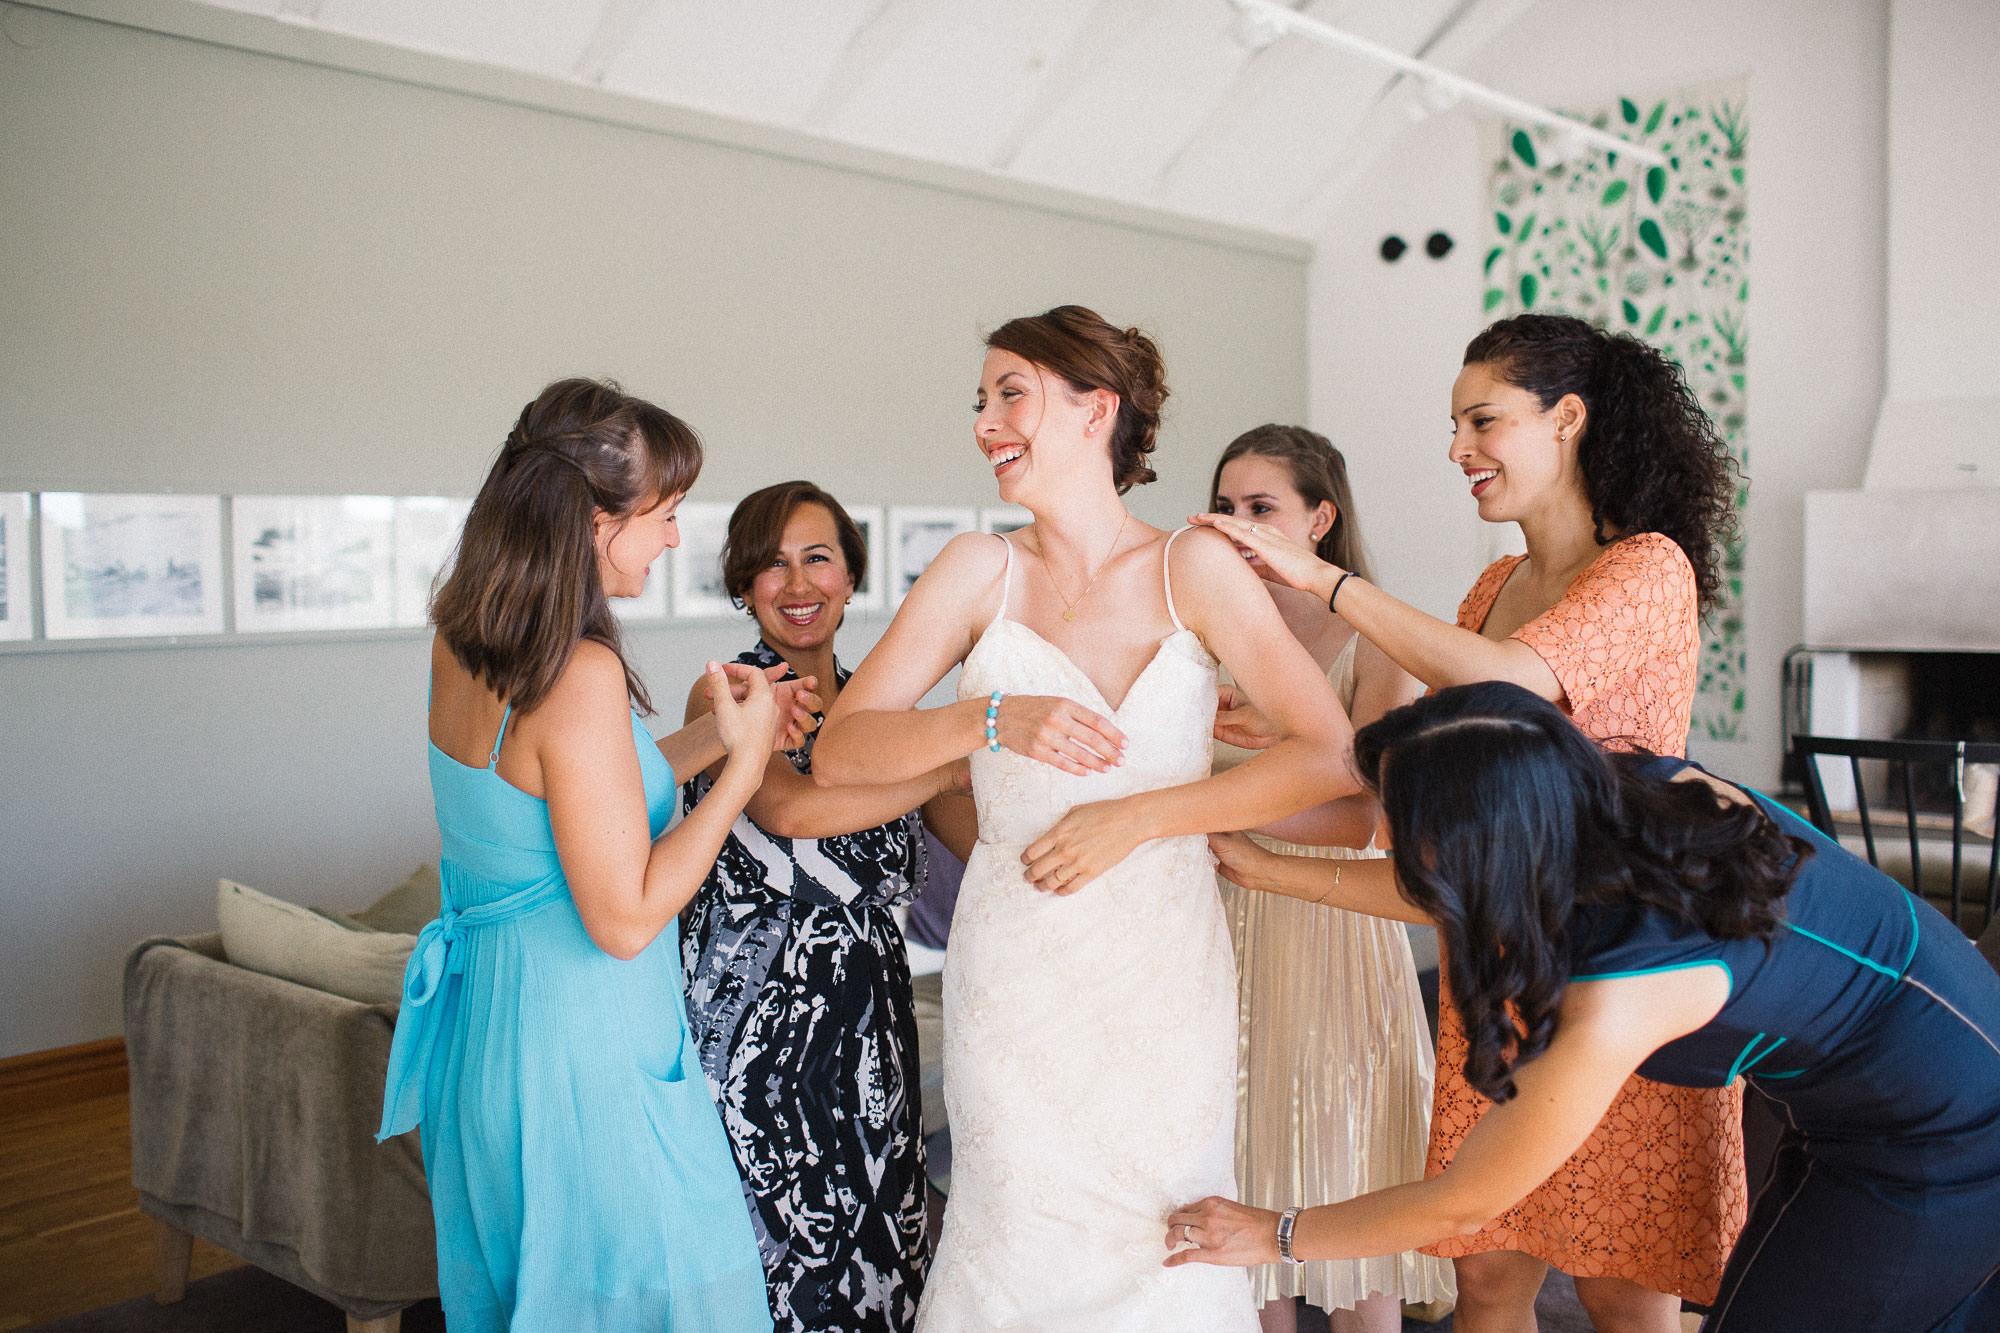 32721c8d402c Brudklänning Empirio från kollektionen Garamaj Couture, designer är Garamaj  of Sweden. Foto: Tove